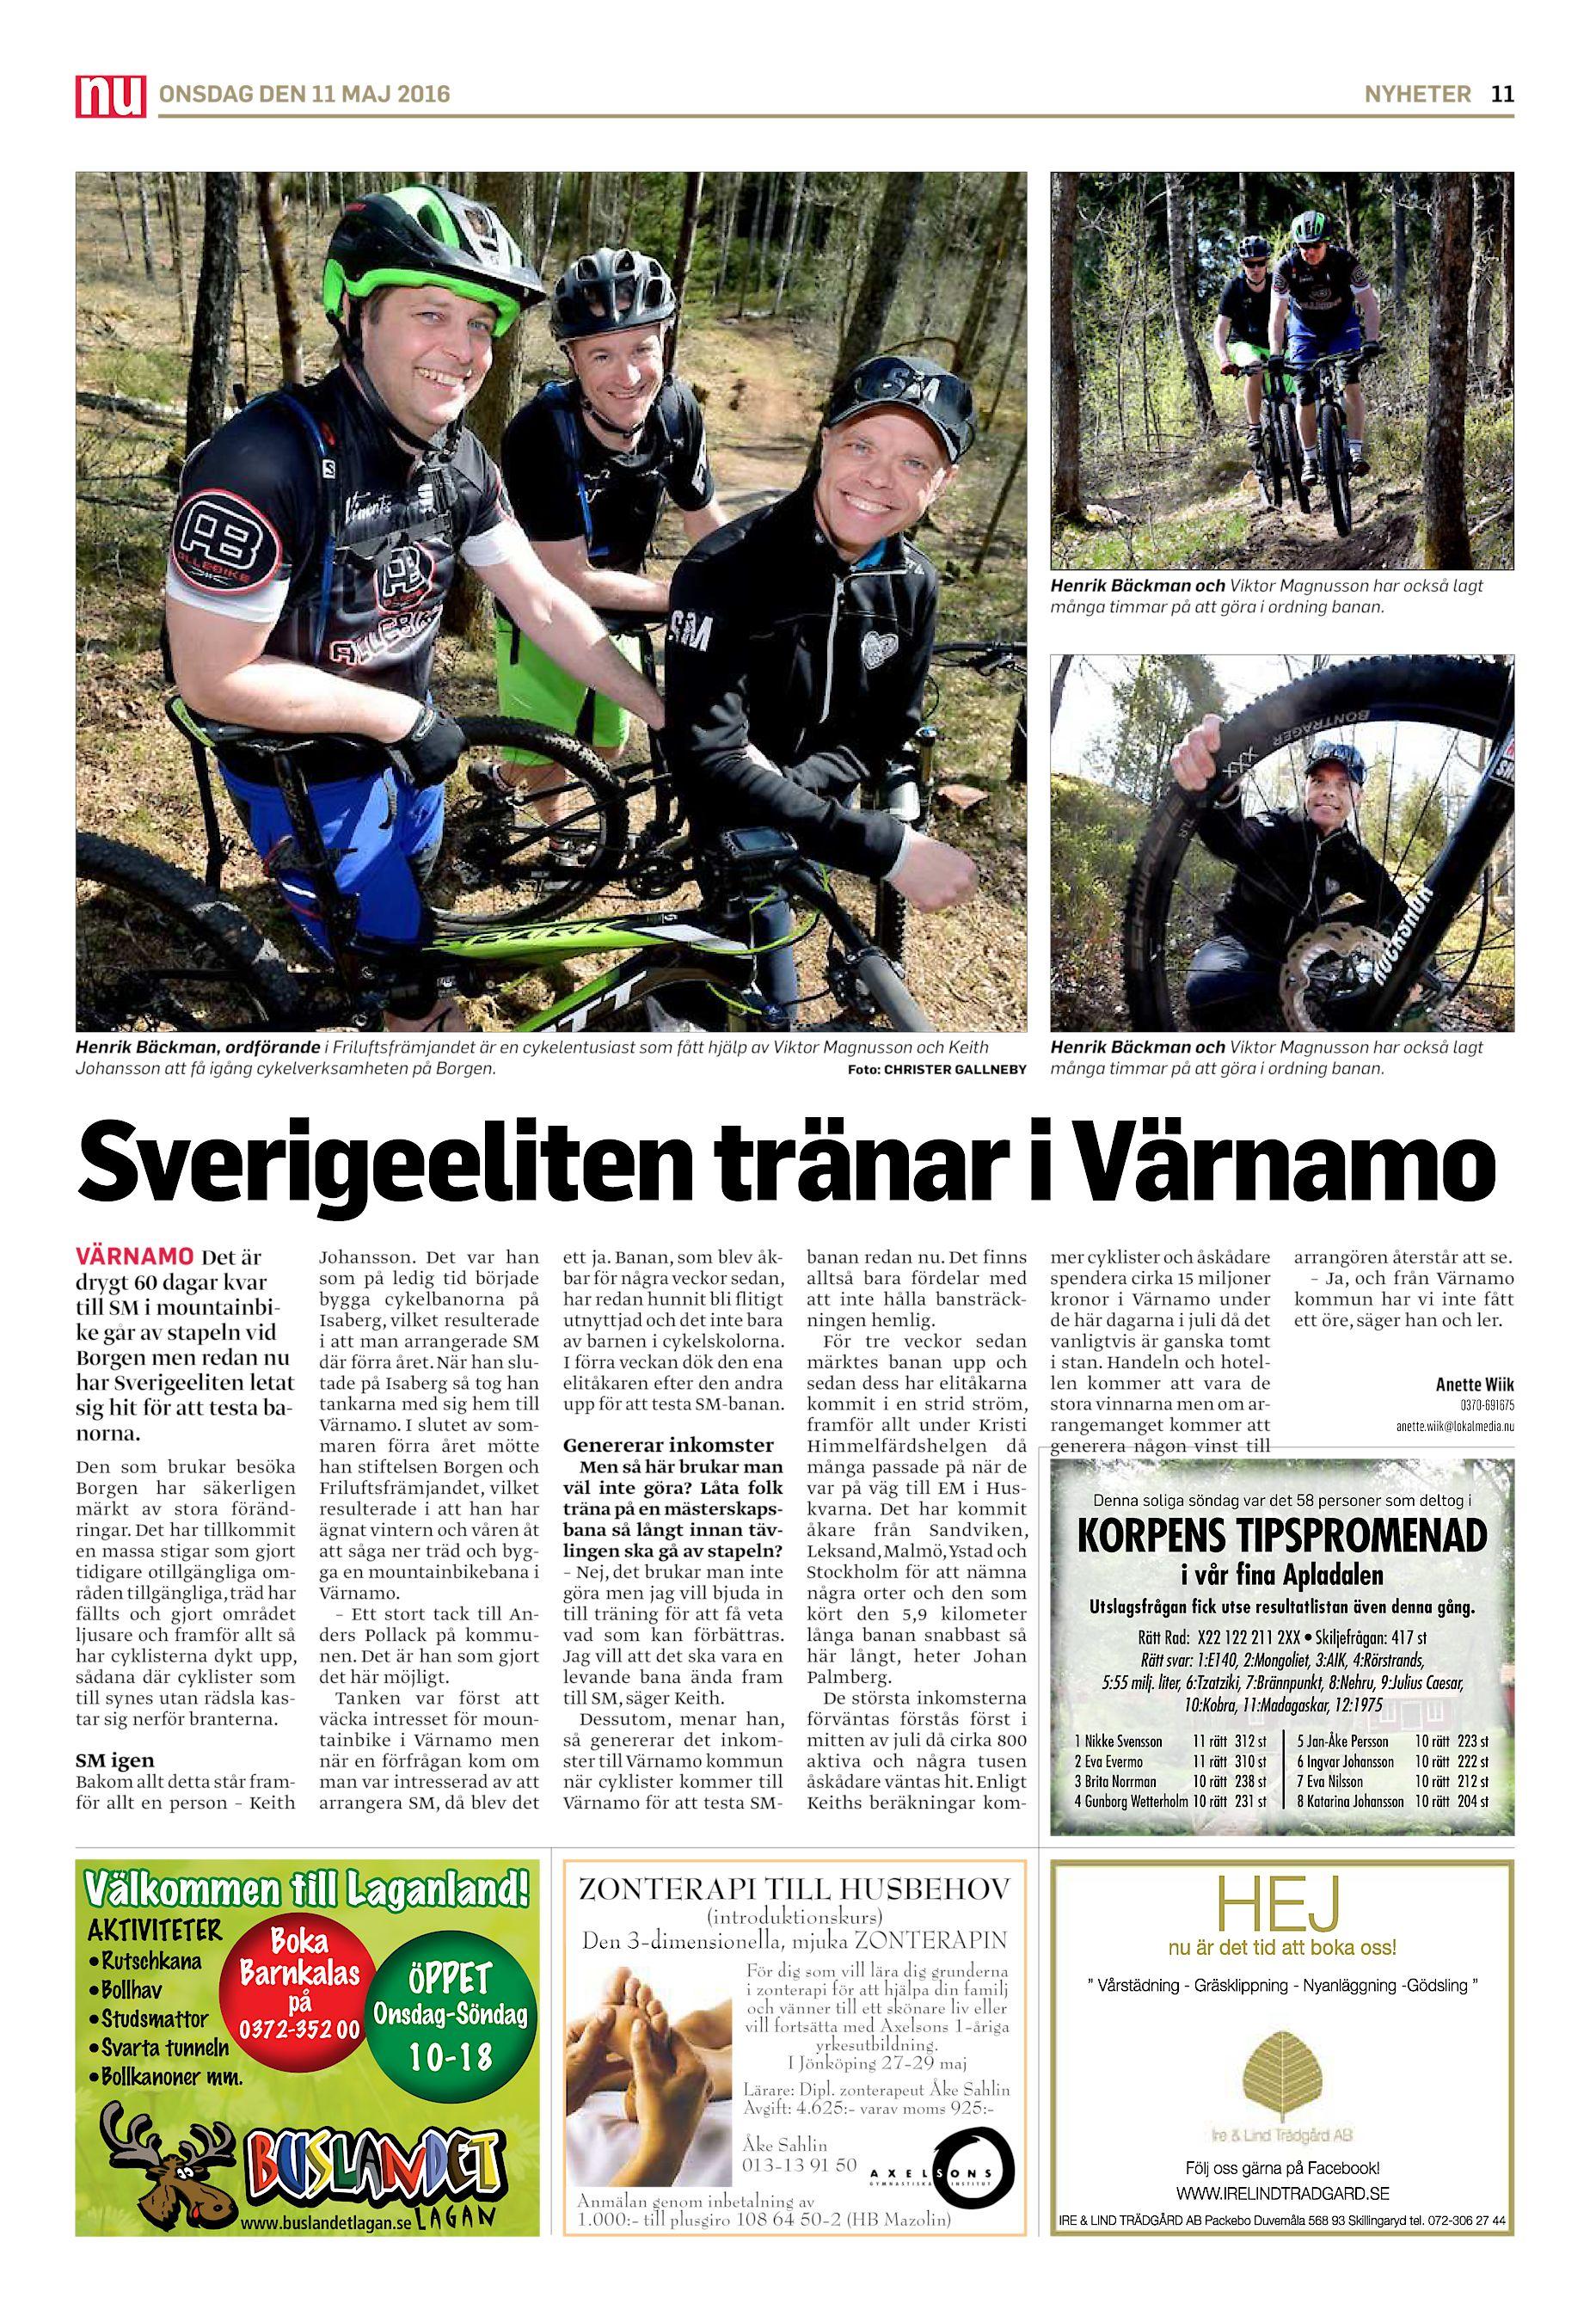 Vedevg Gratis Vuxen Spel Speed Dating Goteborg Escort I